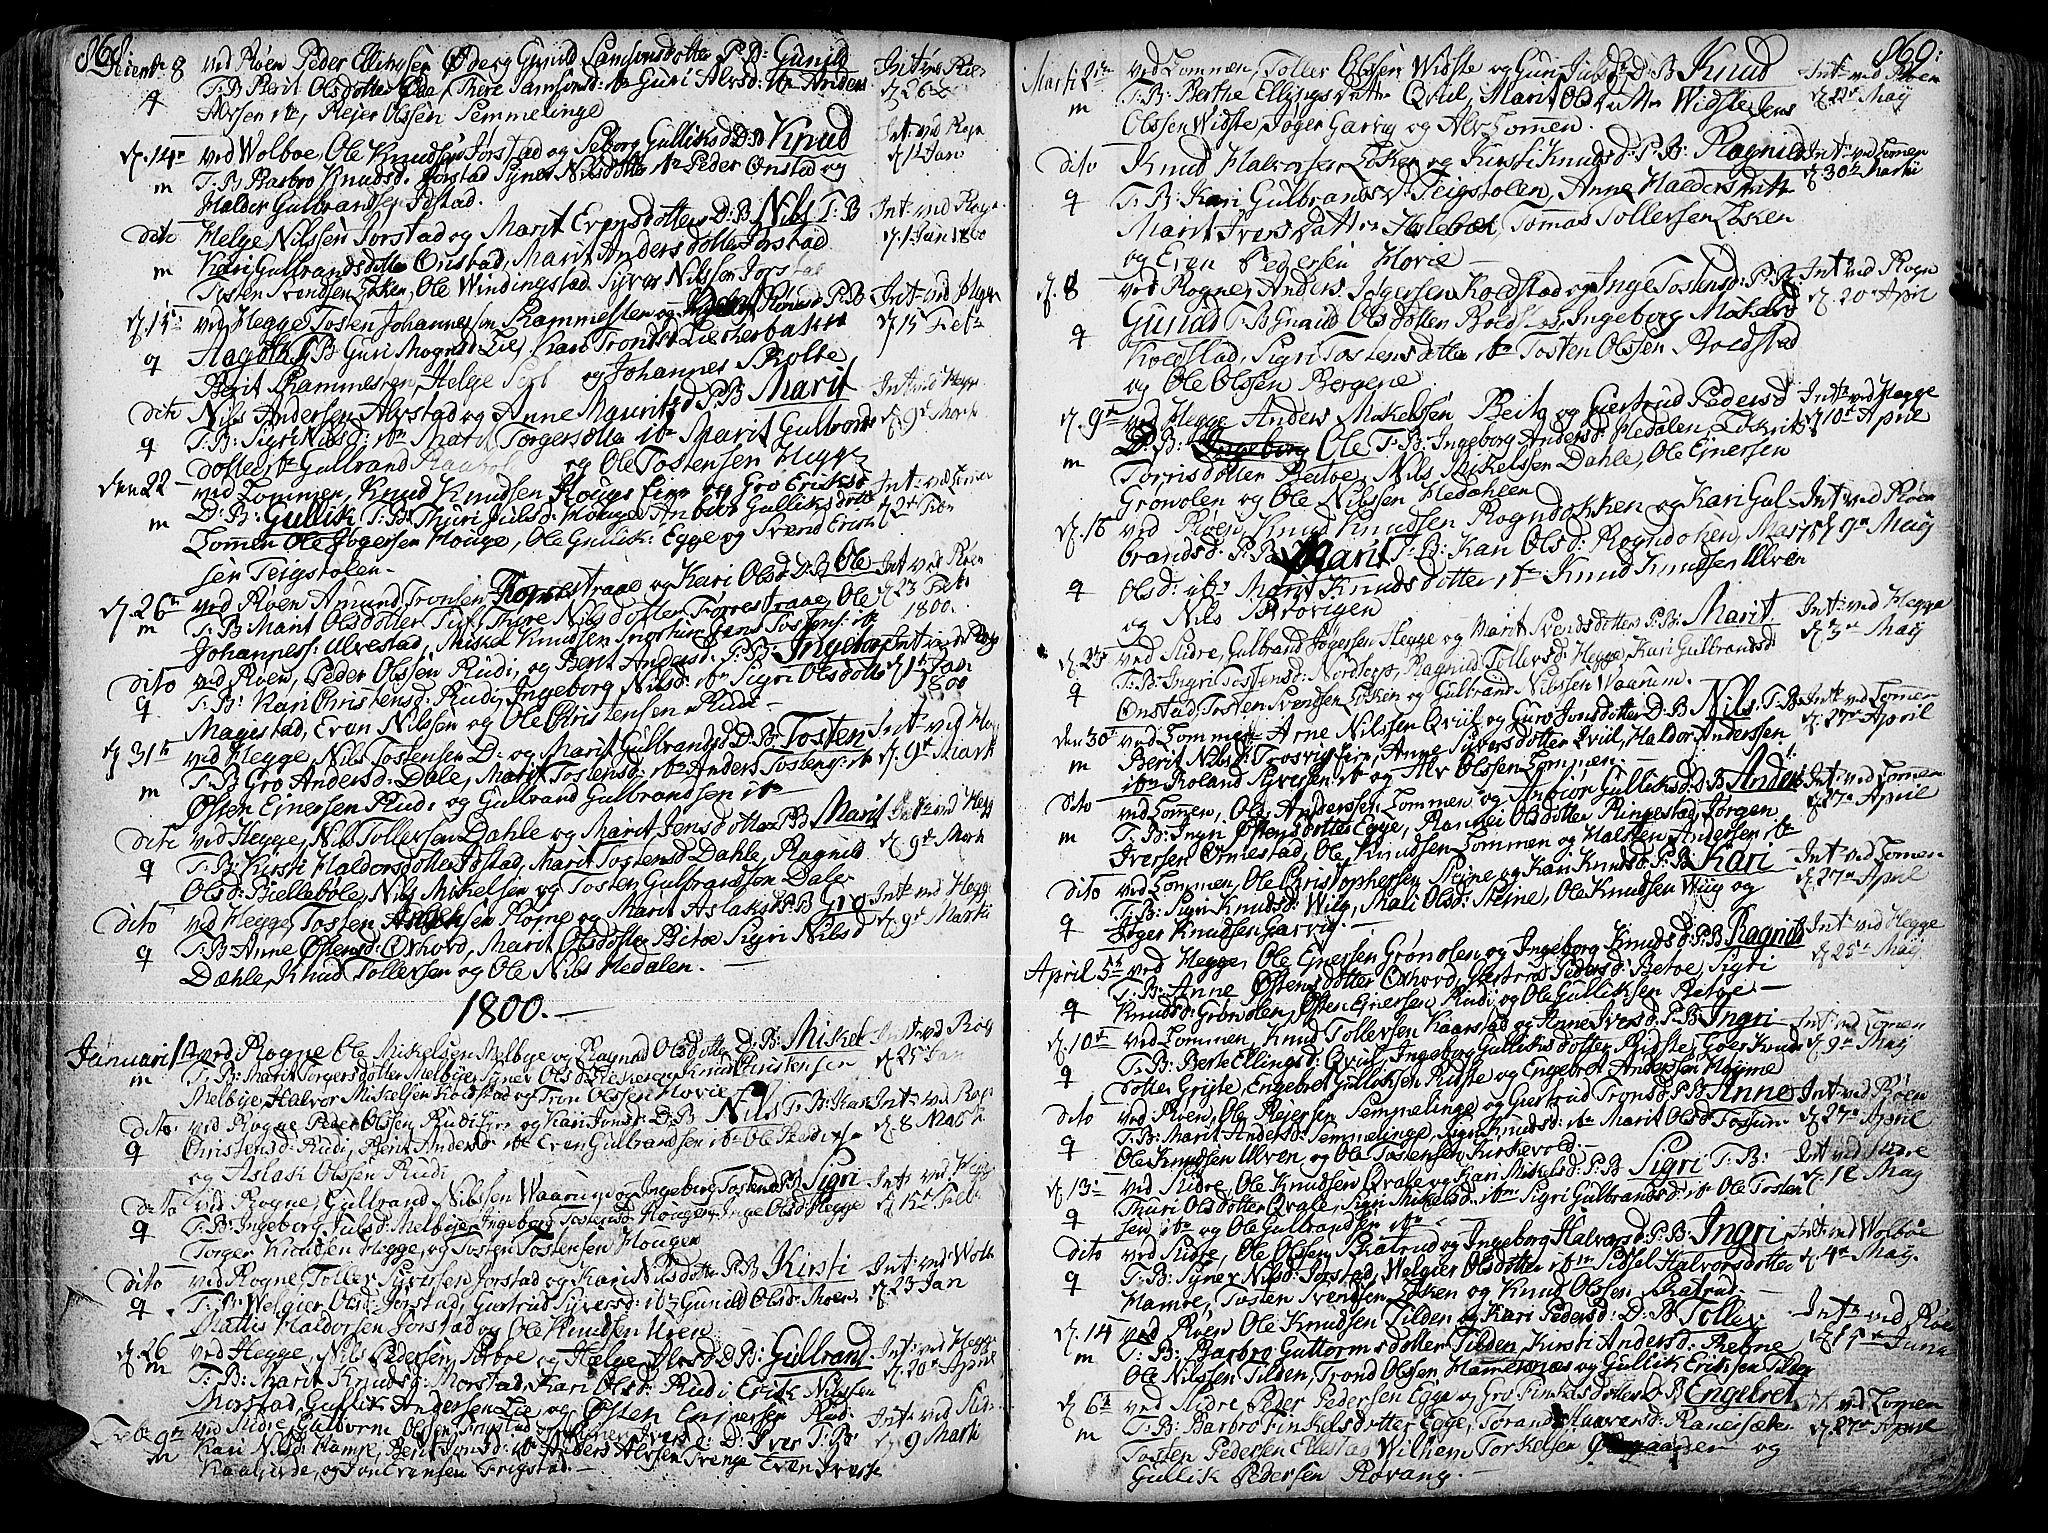 SAH, Slidre prestekontor, Ministerialbok nr. 1, 1724-1814, s. 868-869